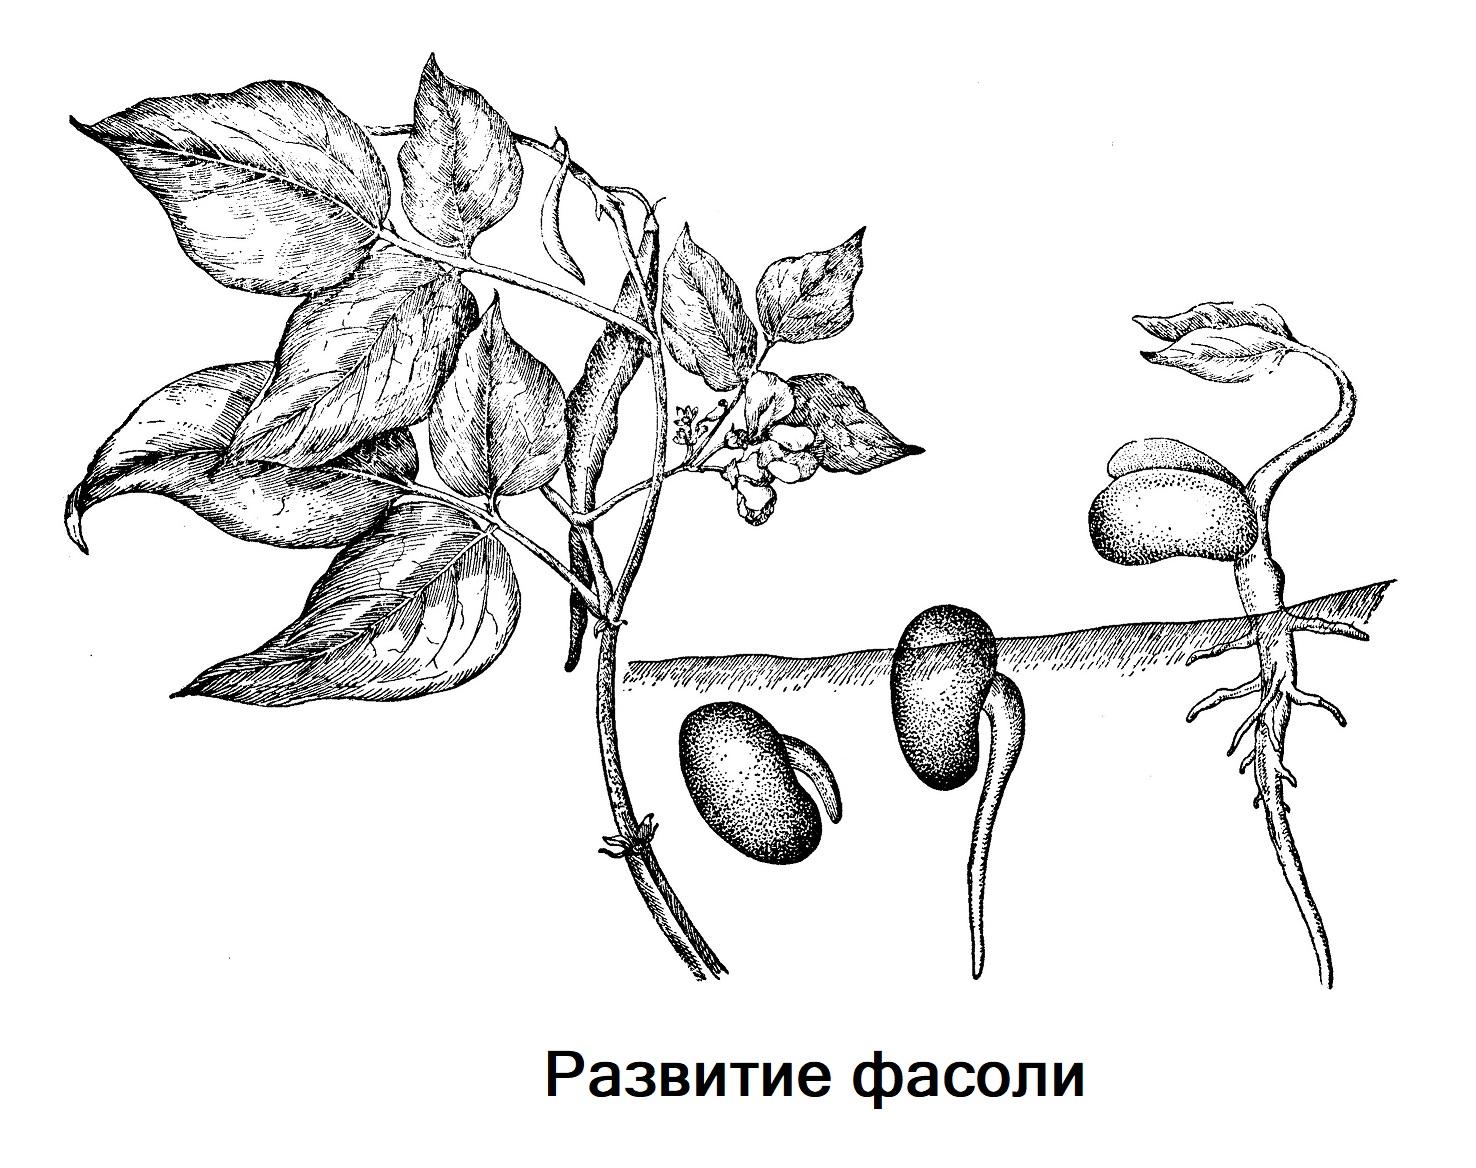 Развитие фасоли